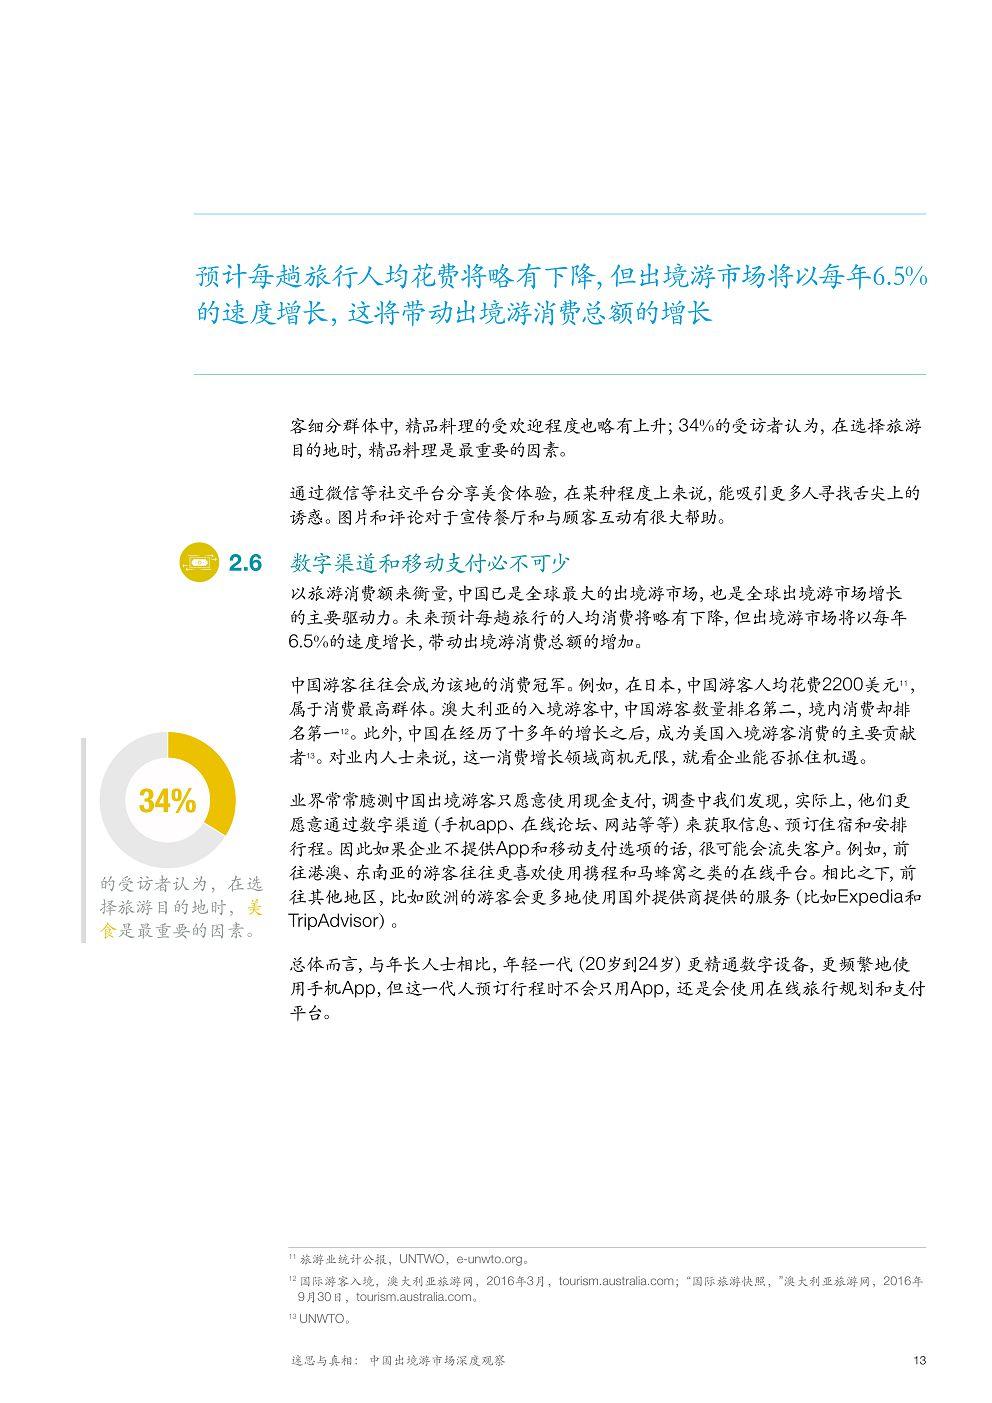 McK_China-tourism-report-2018_CN_17